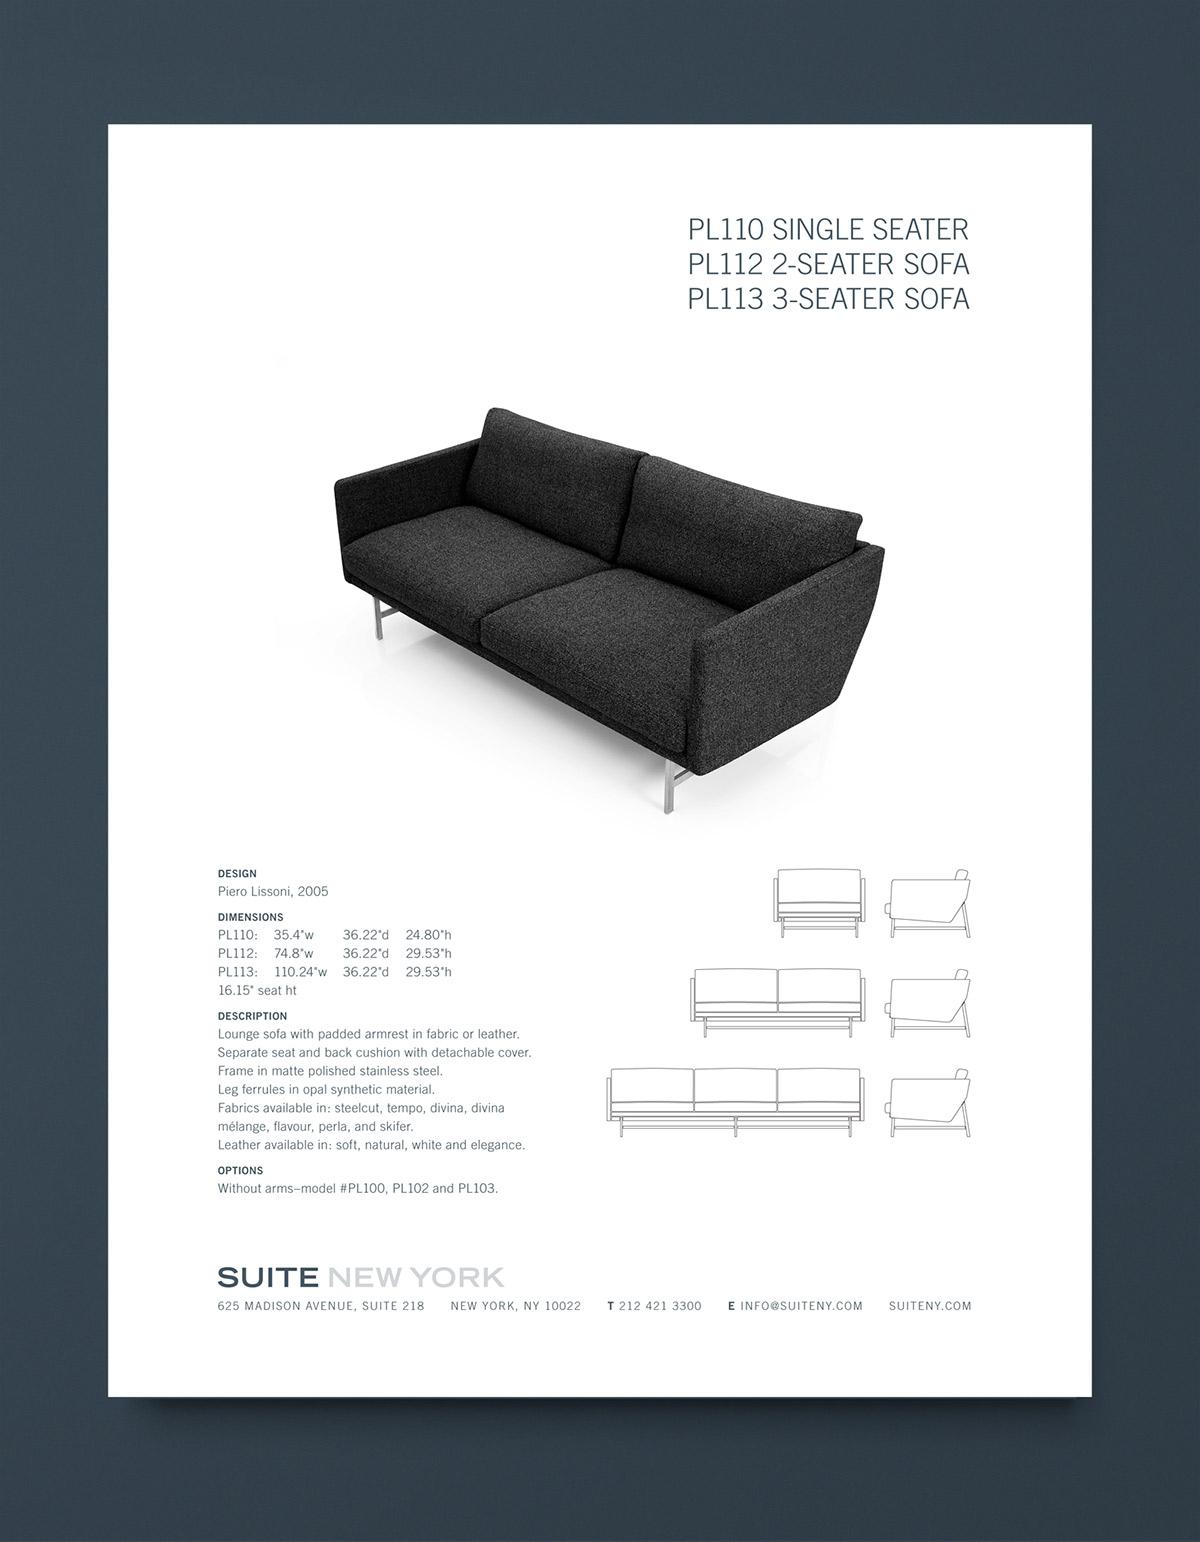 Suite NY Catalog Sofa